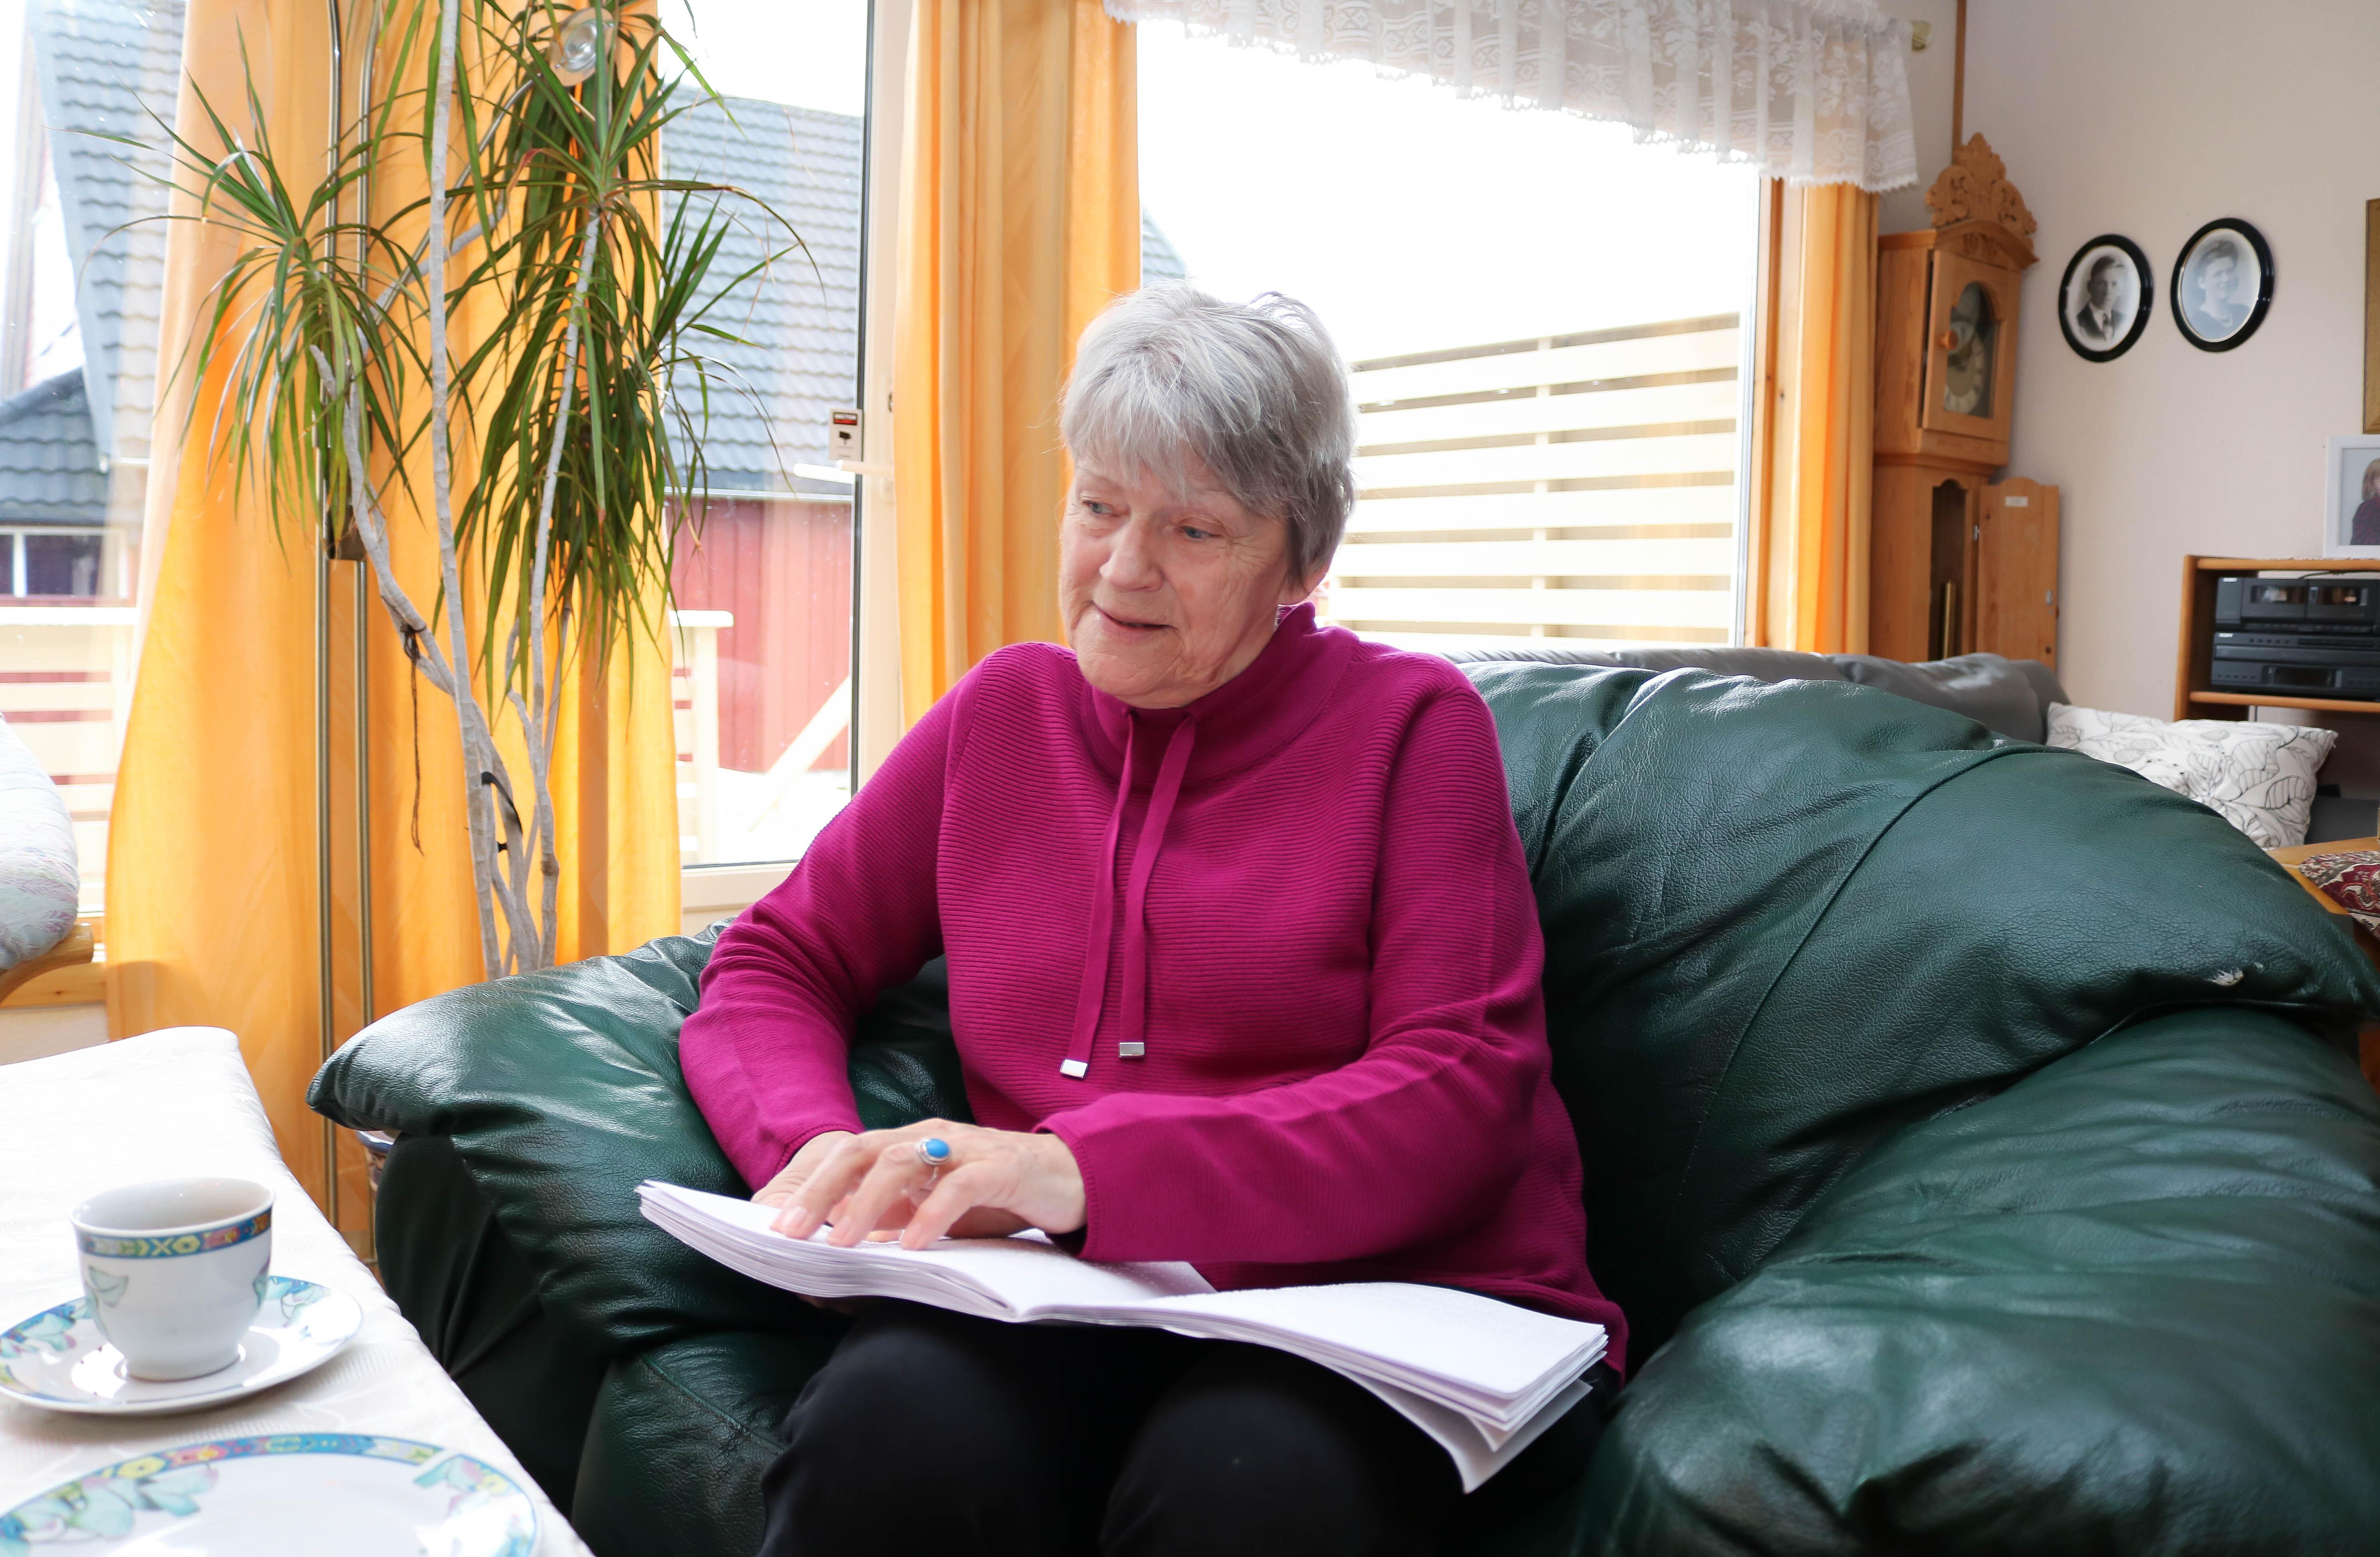 Kvinner sitter i lenestol og blar i en avis.